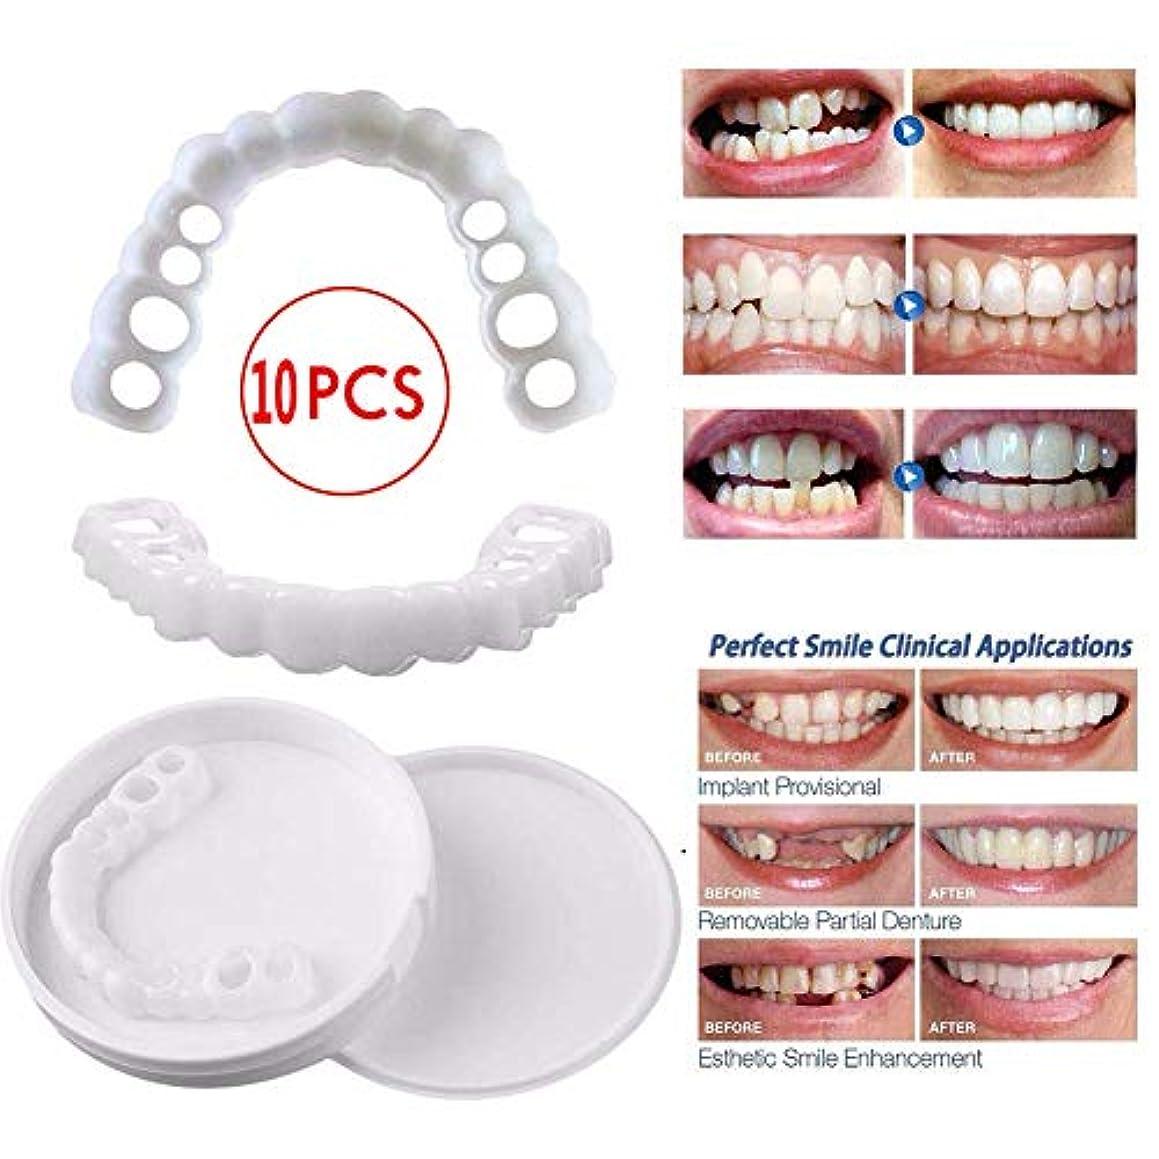 シードゲインセイ探す10個の一時的な歯のホワイトニング、歯の一時的な化粧品の歯の義歯歯の化粧品の収納ボックス付き偽の歯カバー,10pcsupperteeth